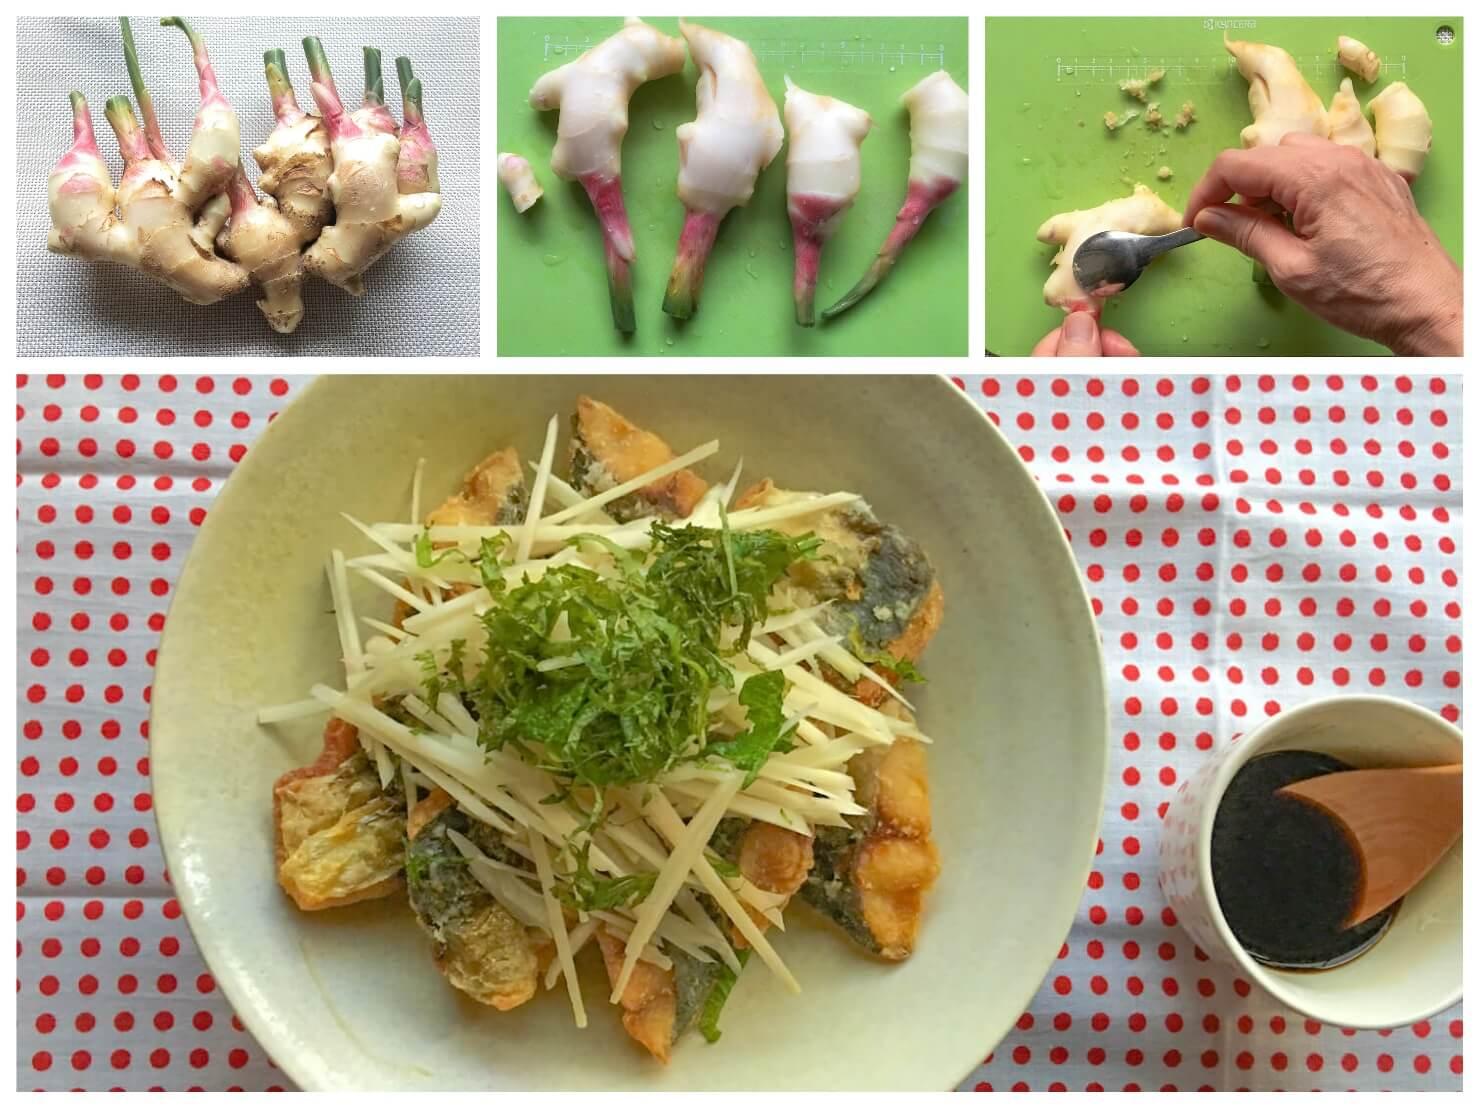 新生姜を食べるアジの唐揚げや新生姜の写真